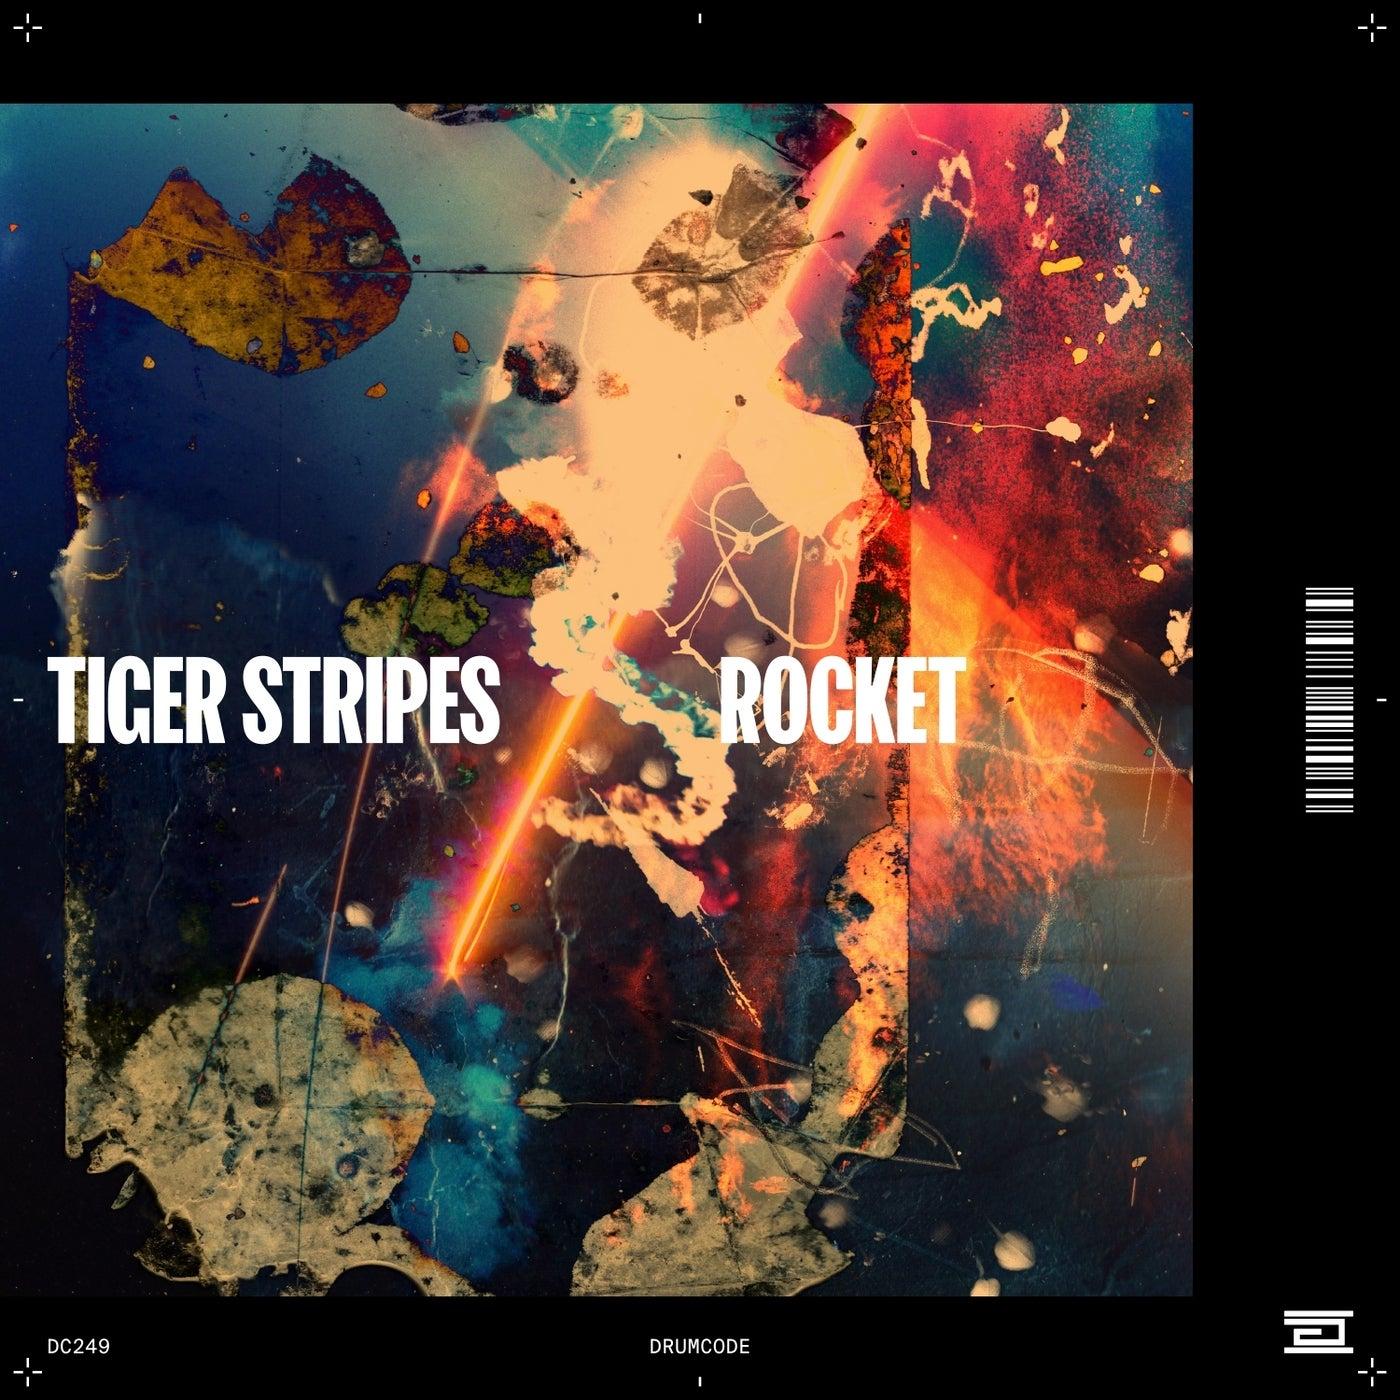 Rocket (Original Mix)